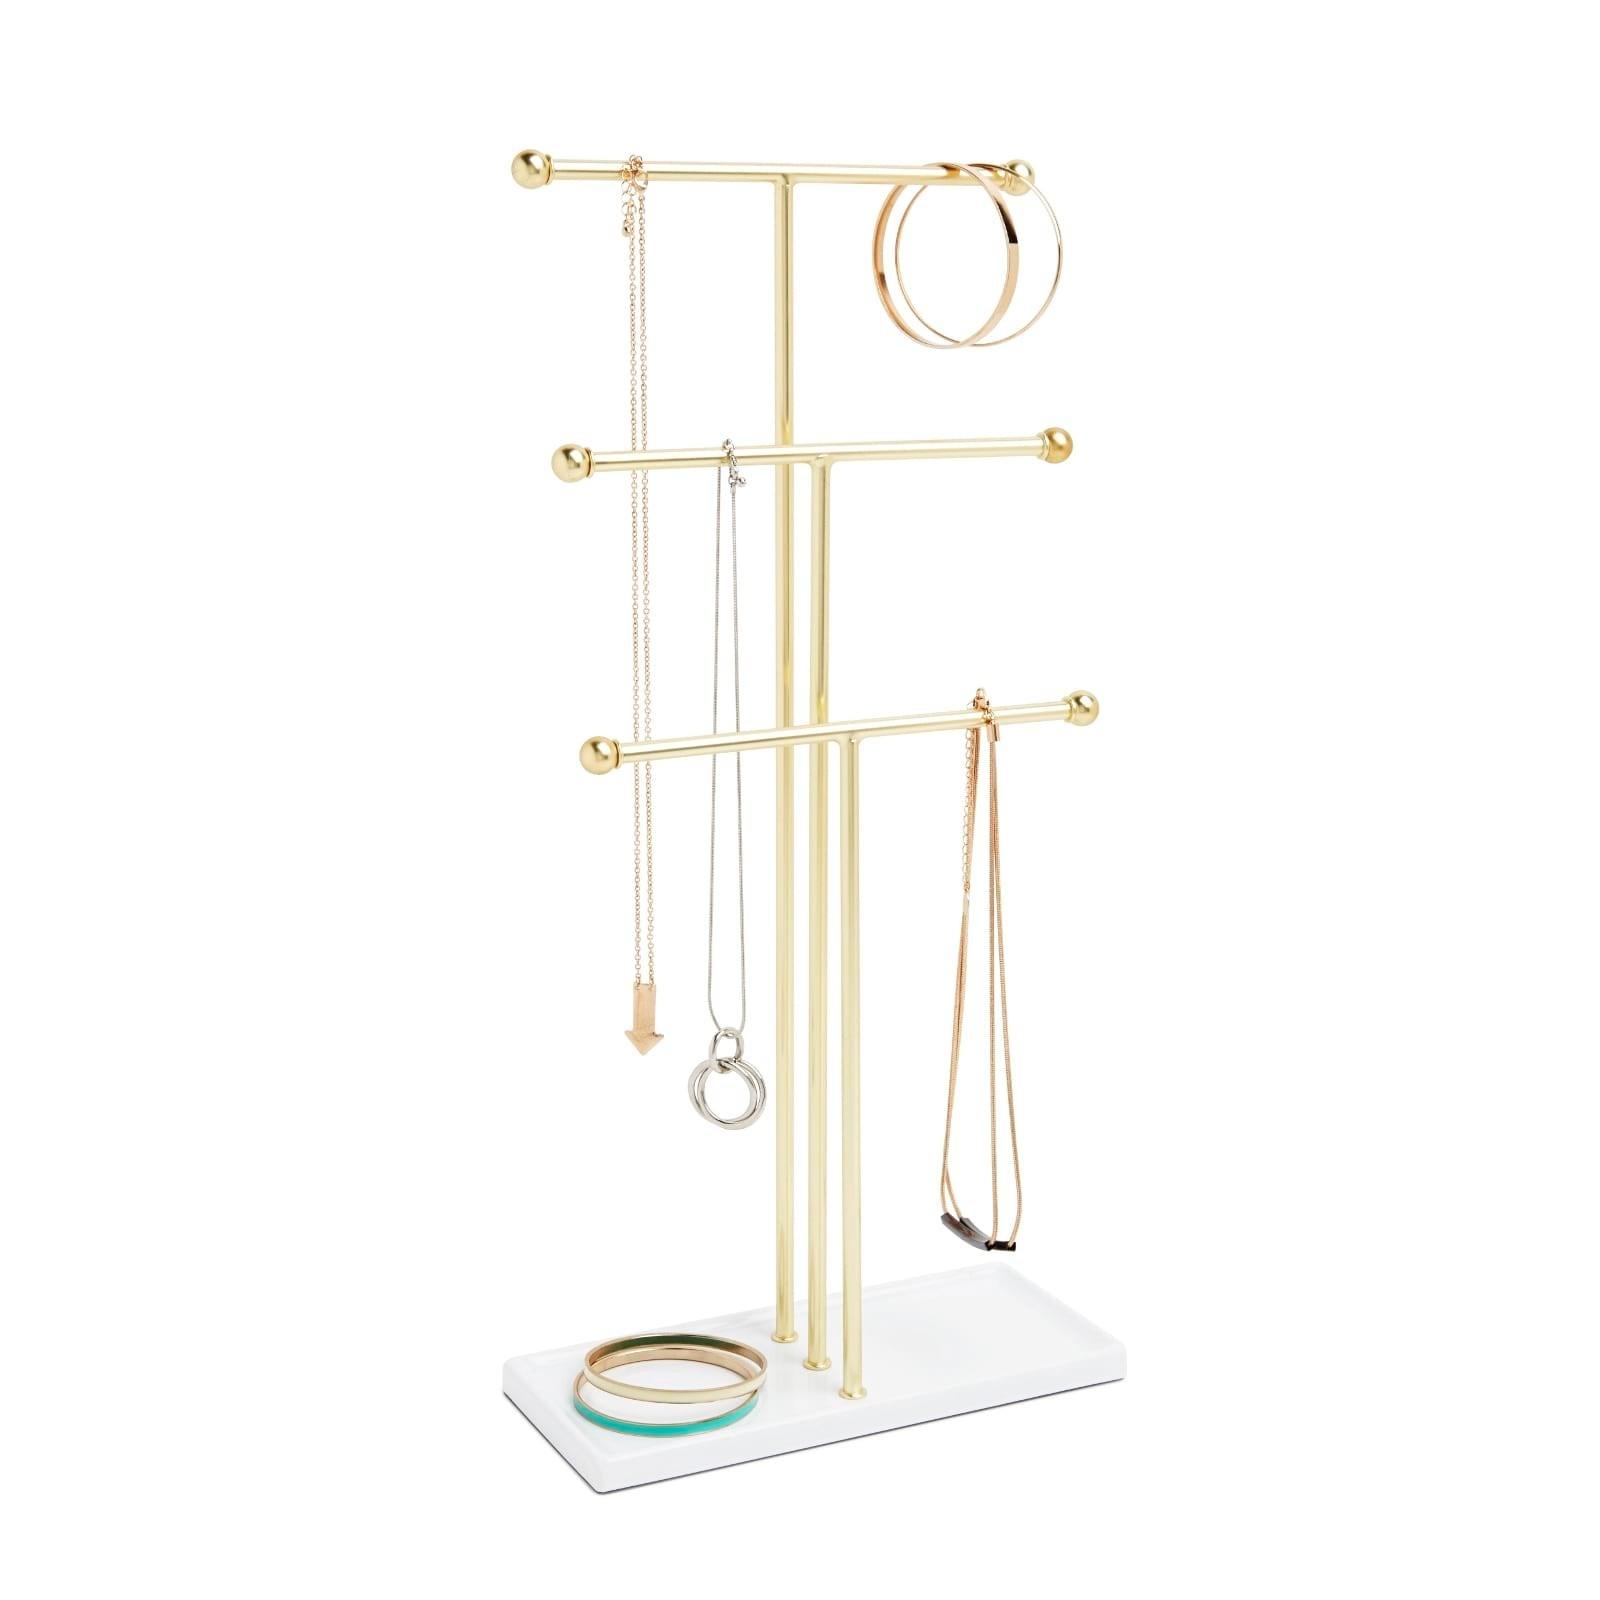 Trigem Jewelry Stand (White / Brass) - Umbra